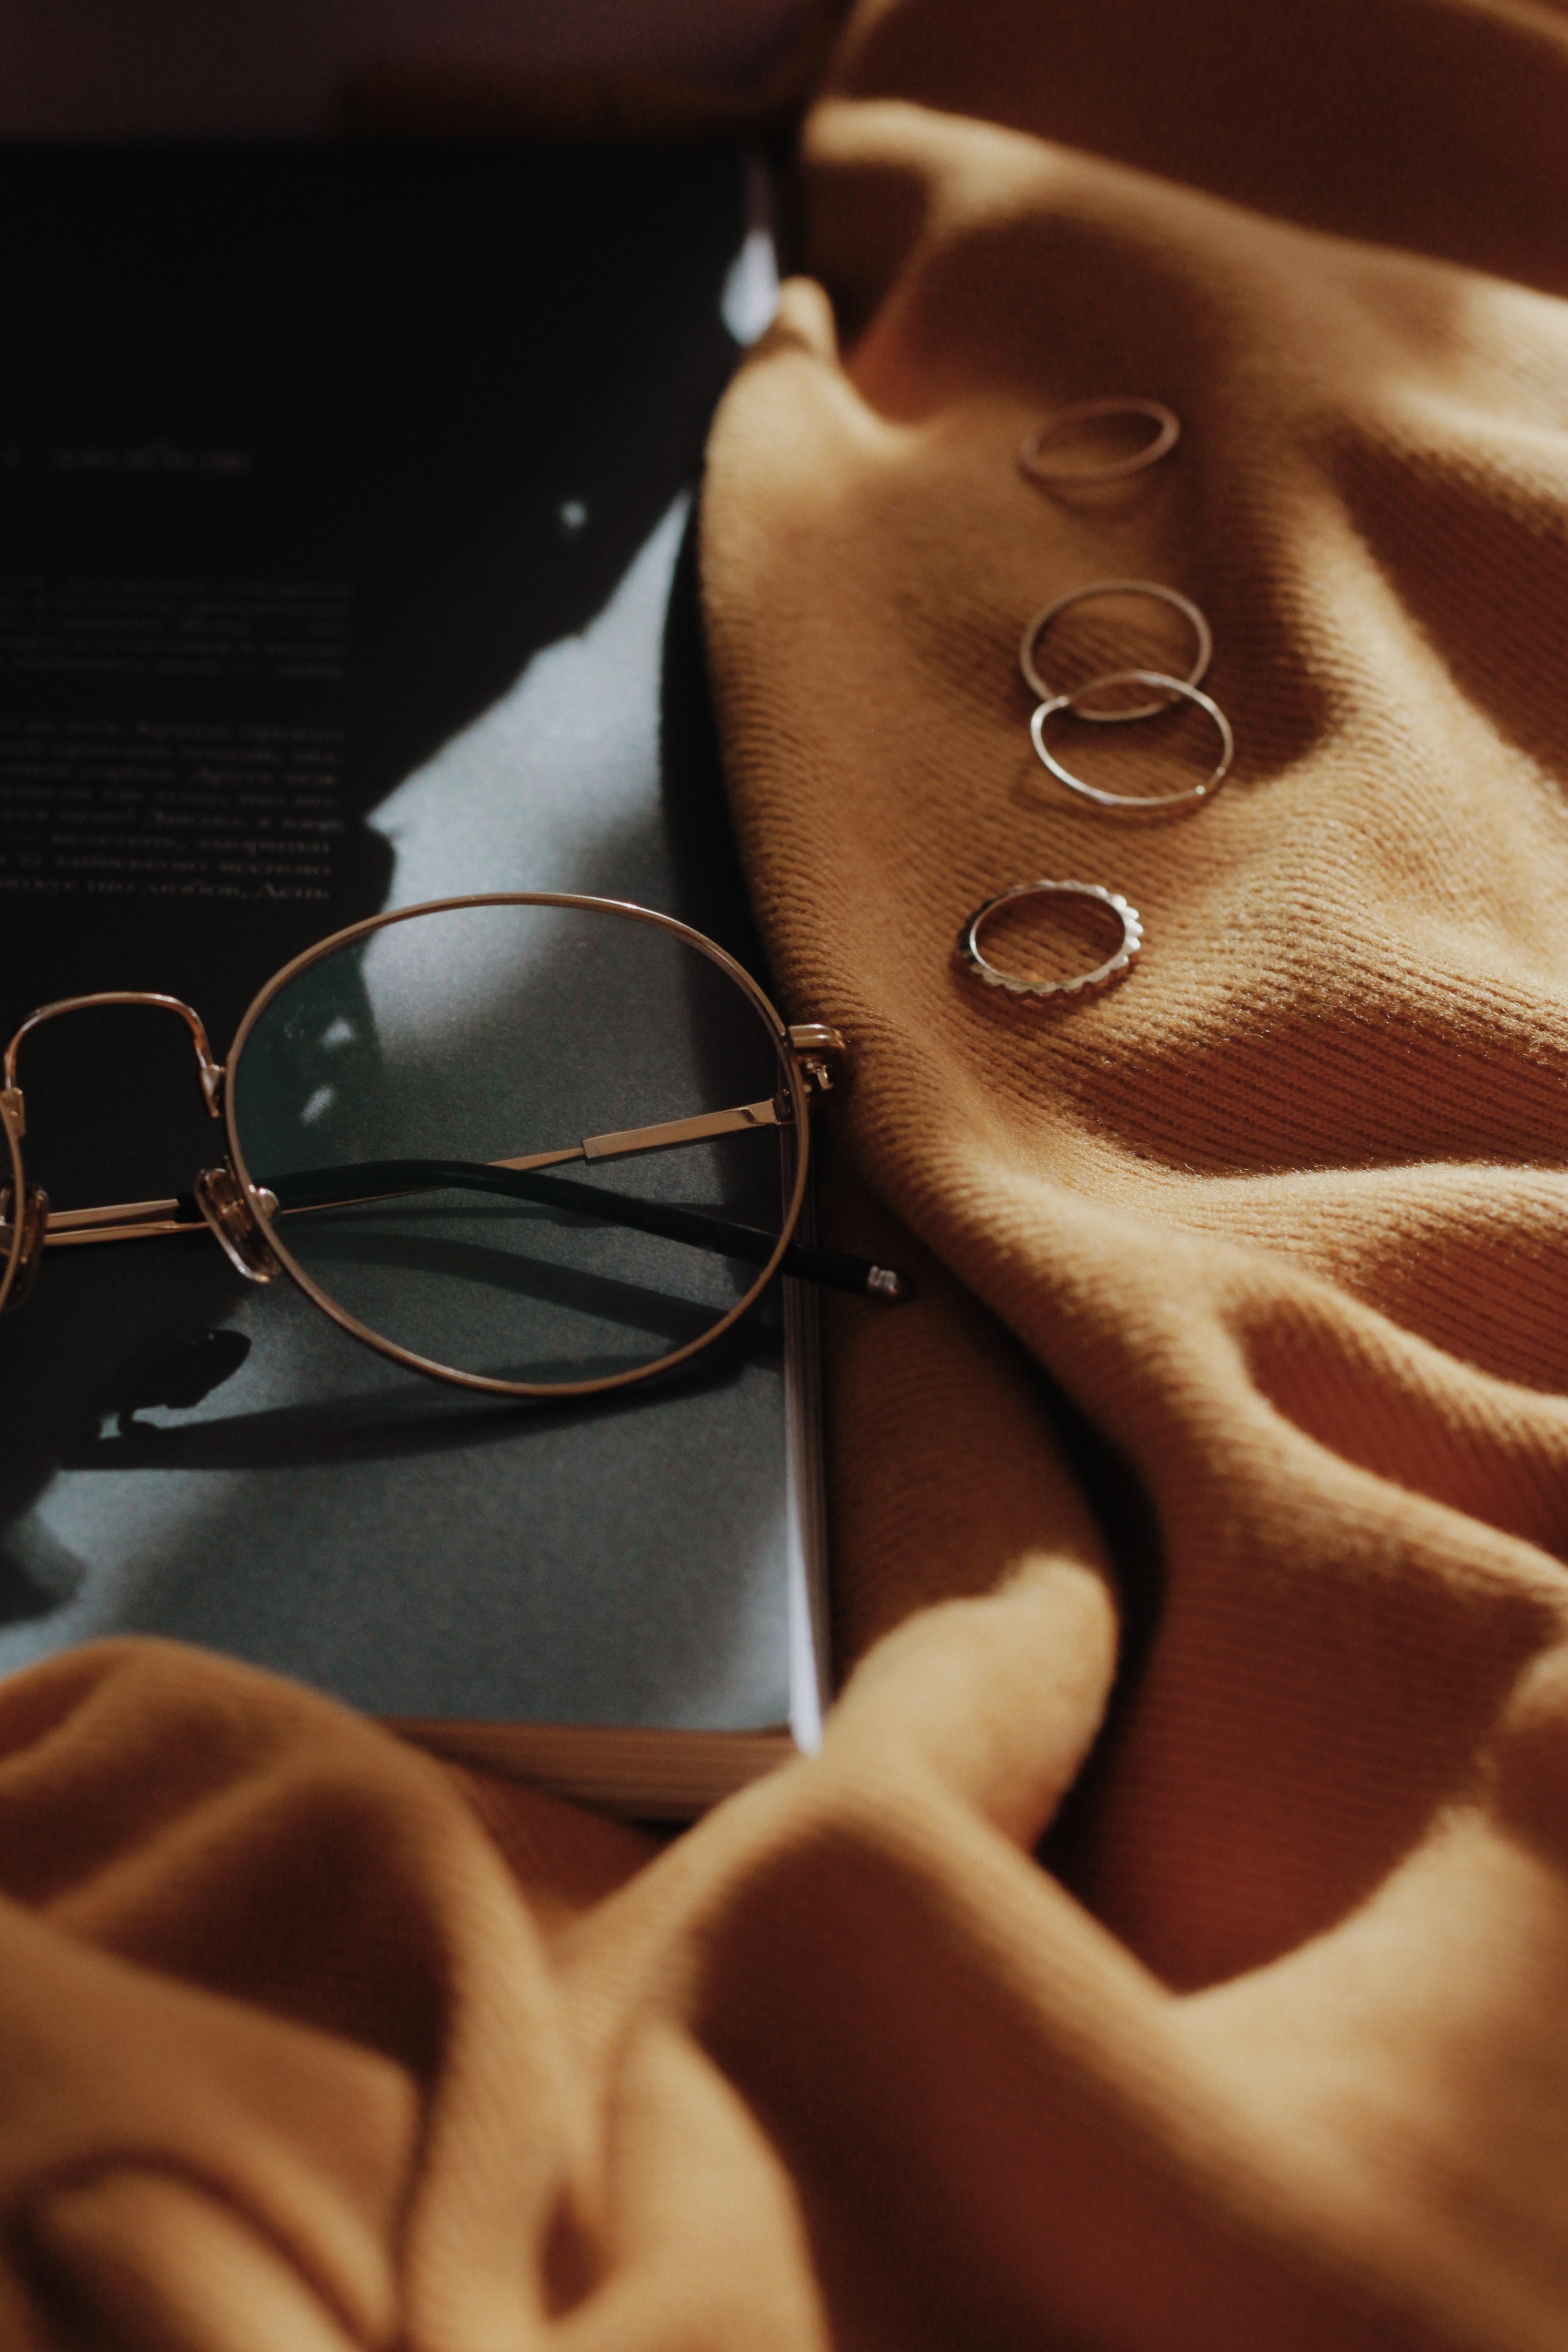 køb smykker online